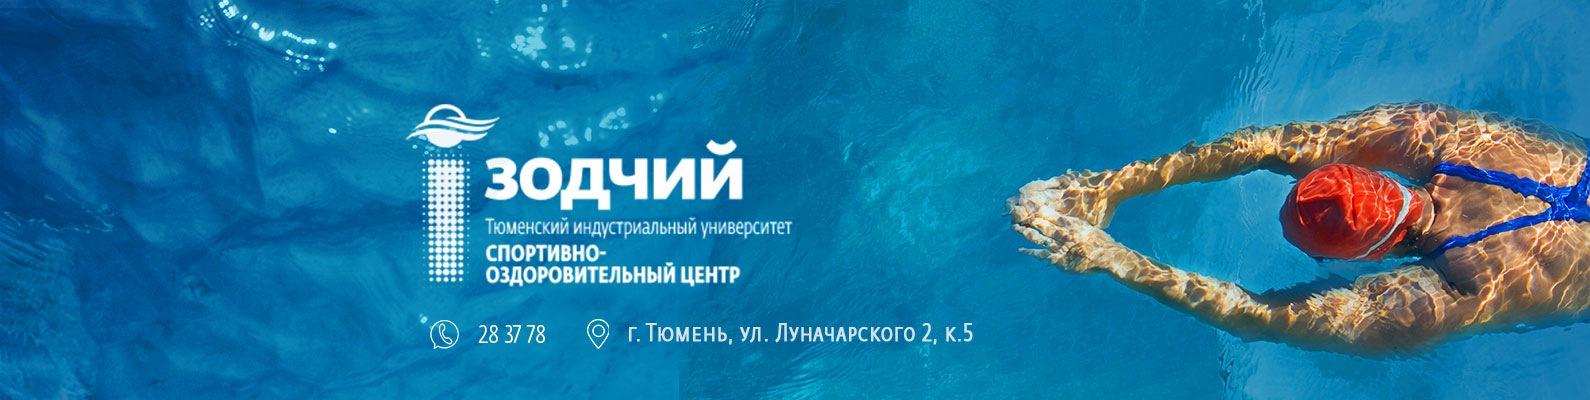 хостинг серверов по 3 рубля за слот